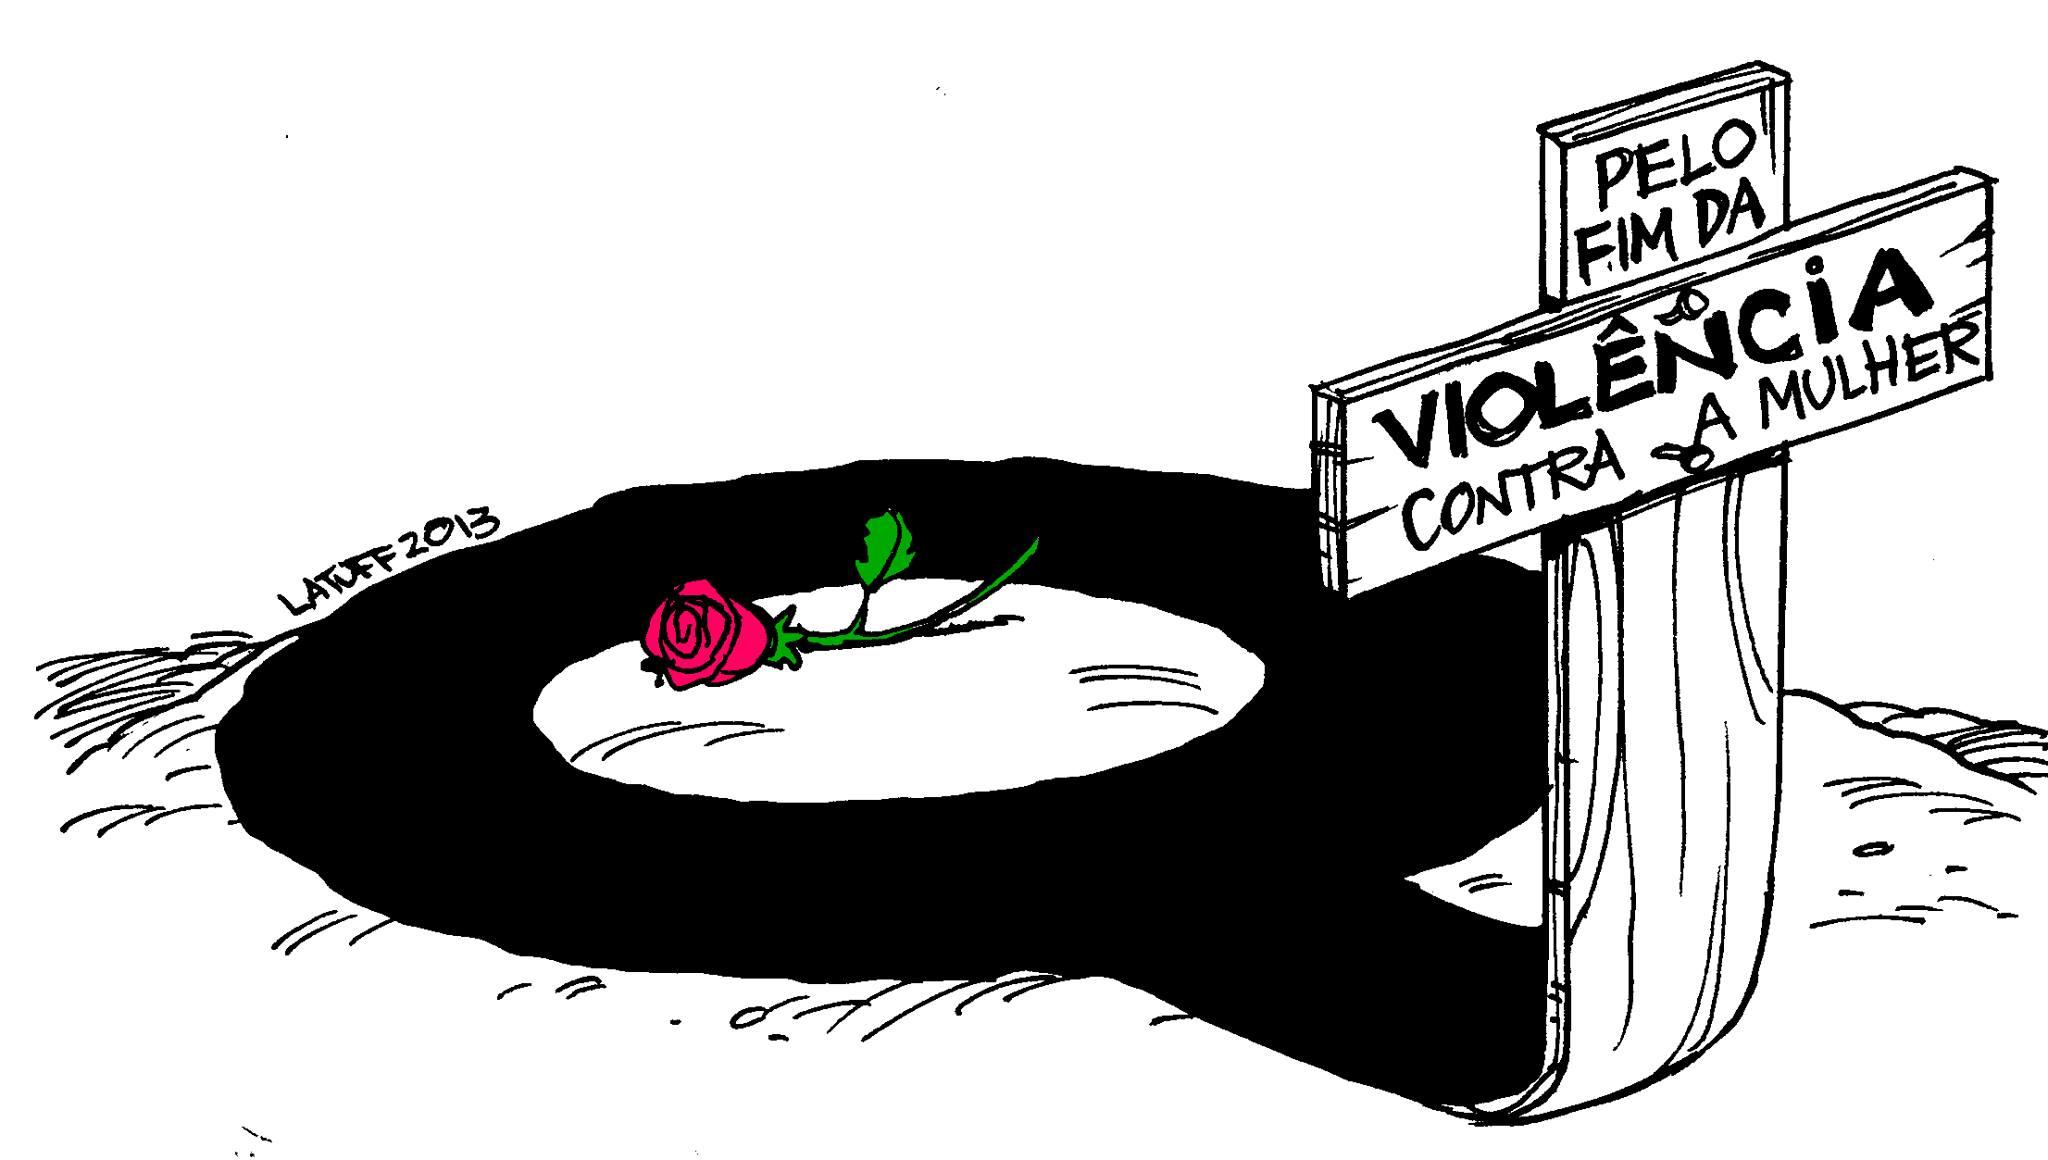 Programas de rádio da Série Ação Mulher / O que é violência contra as mulheres?